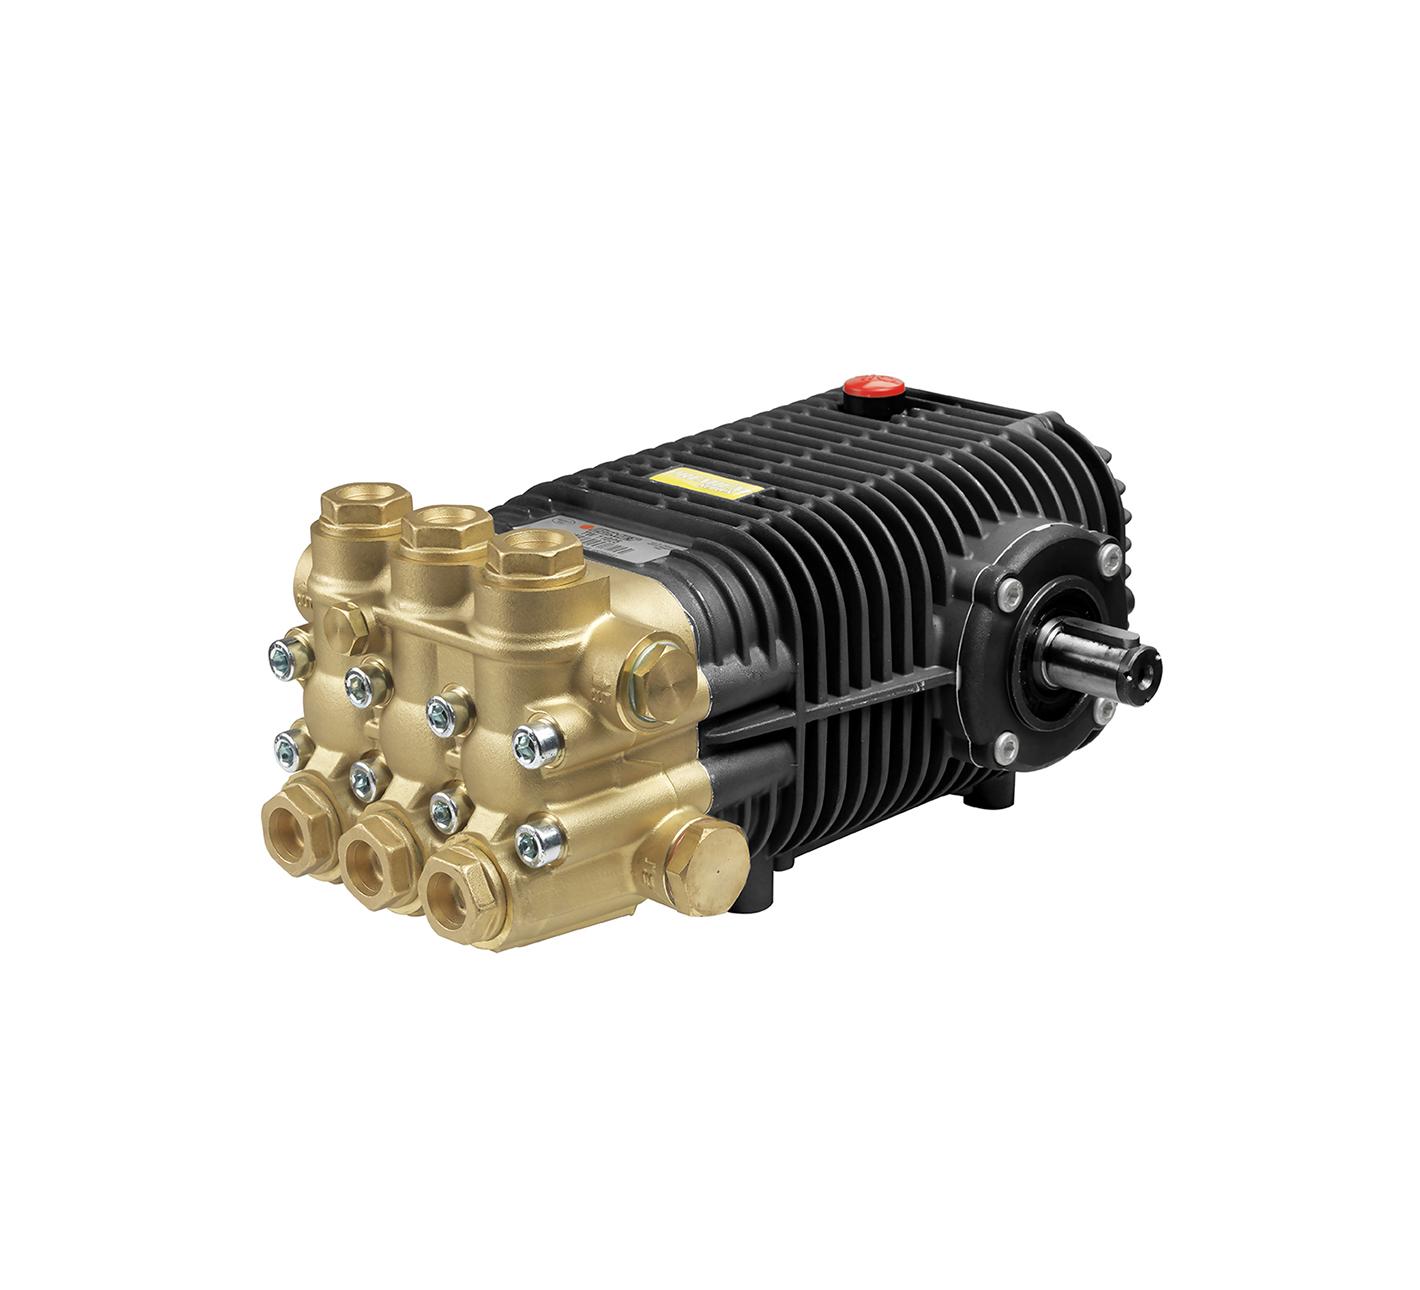 TWN TW TWS Comet Industrial Pumps